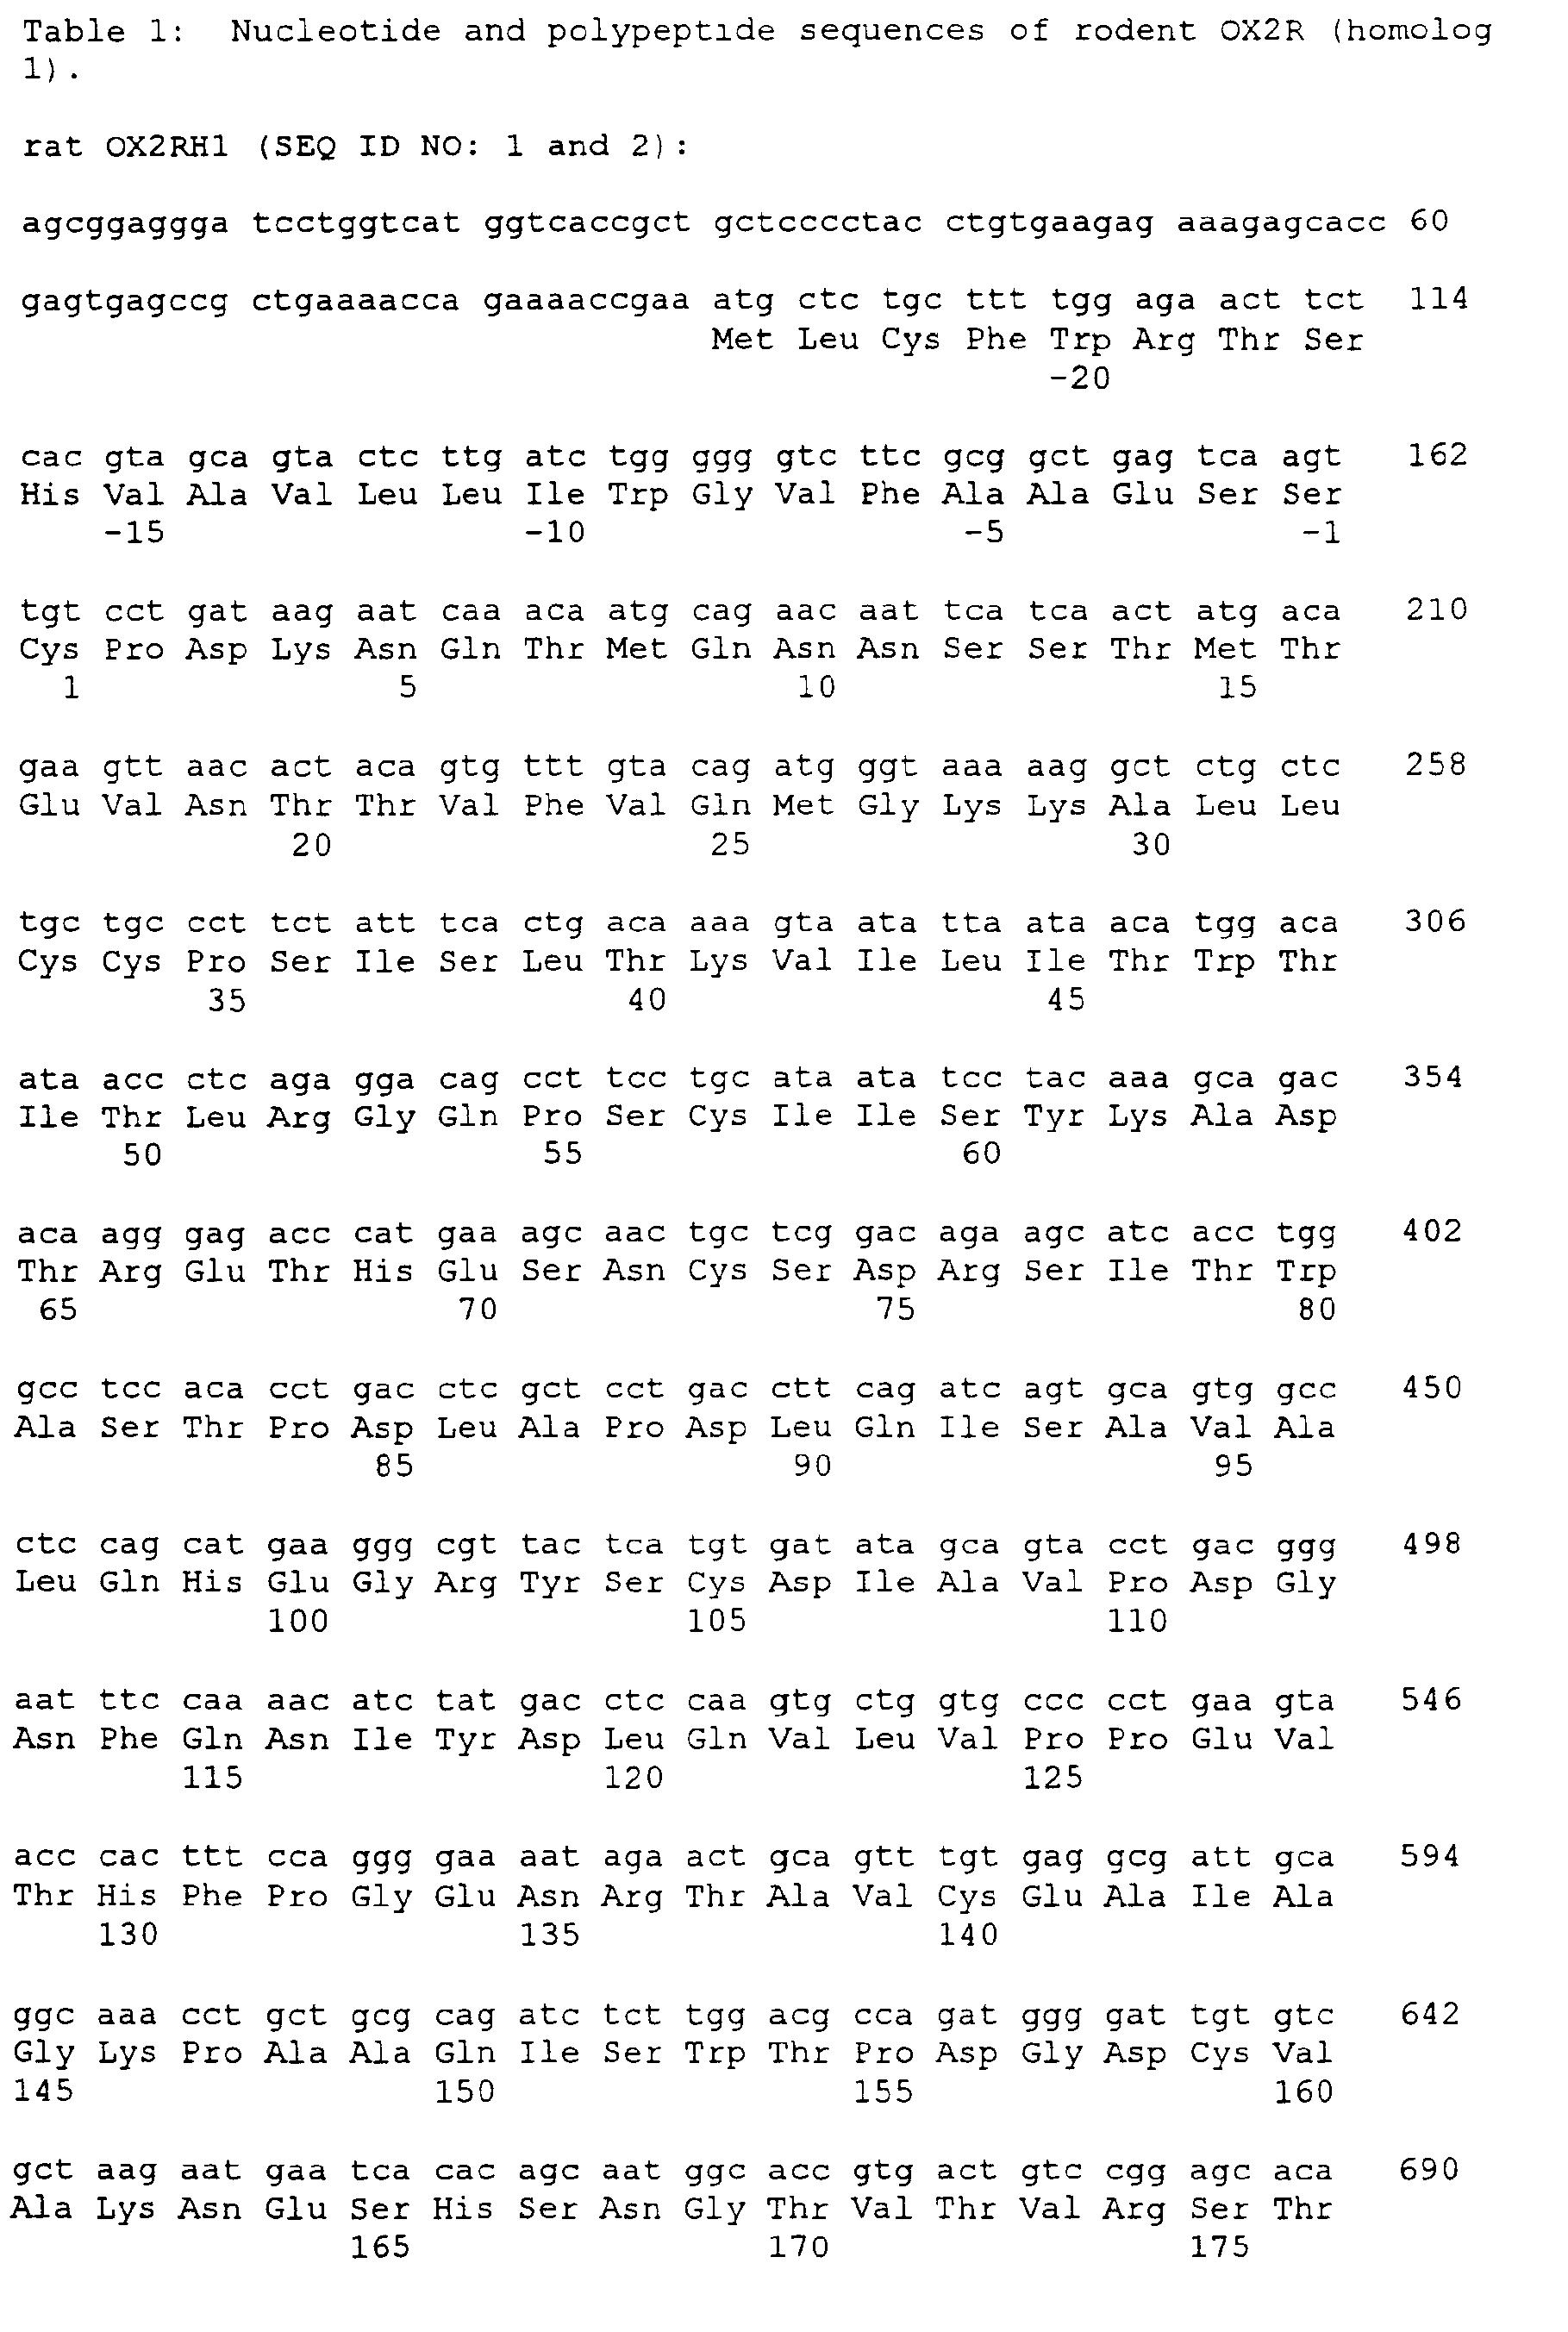 imgb0001